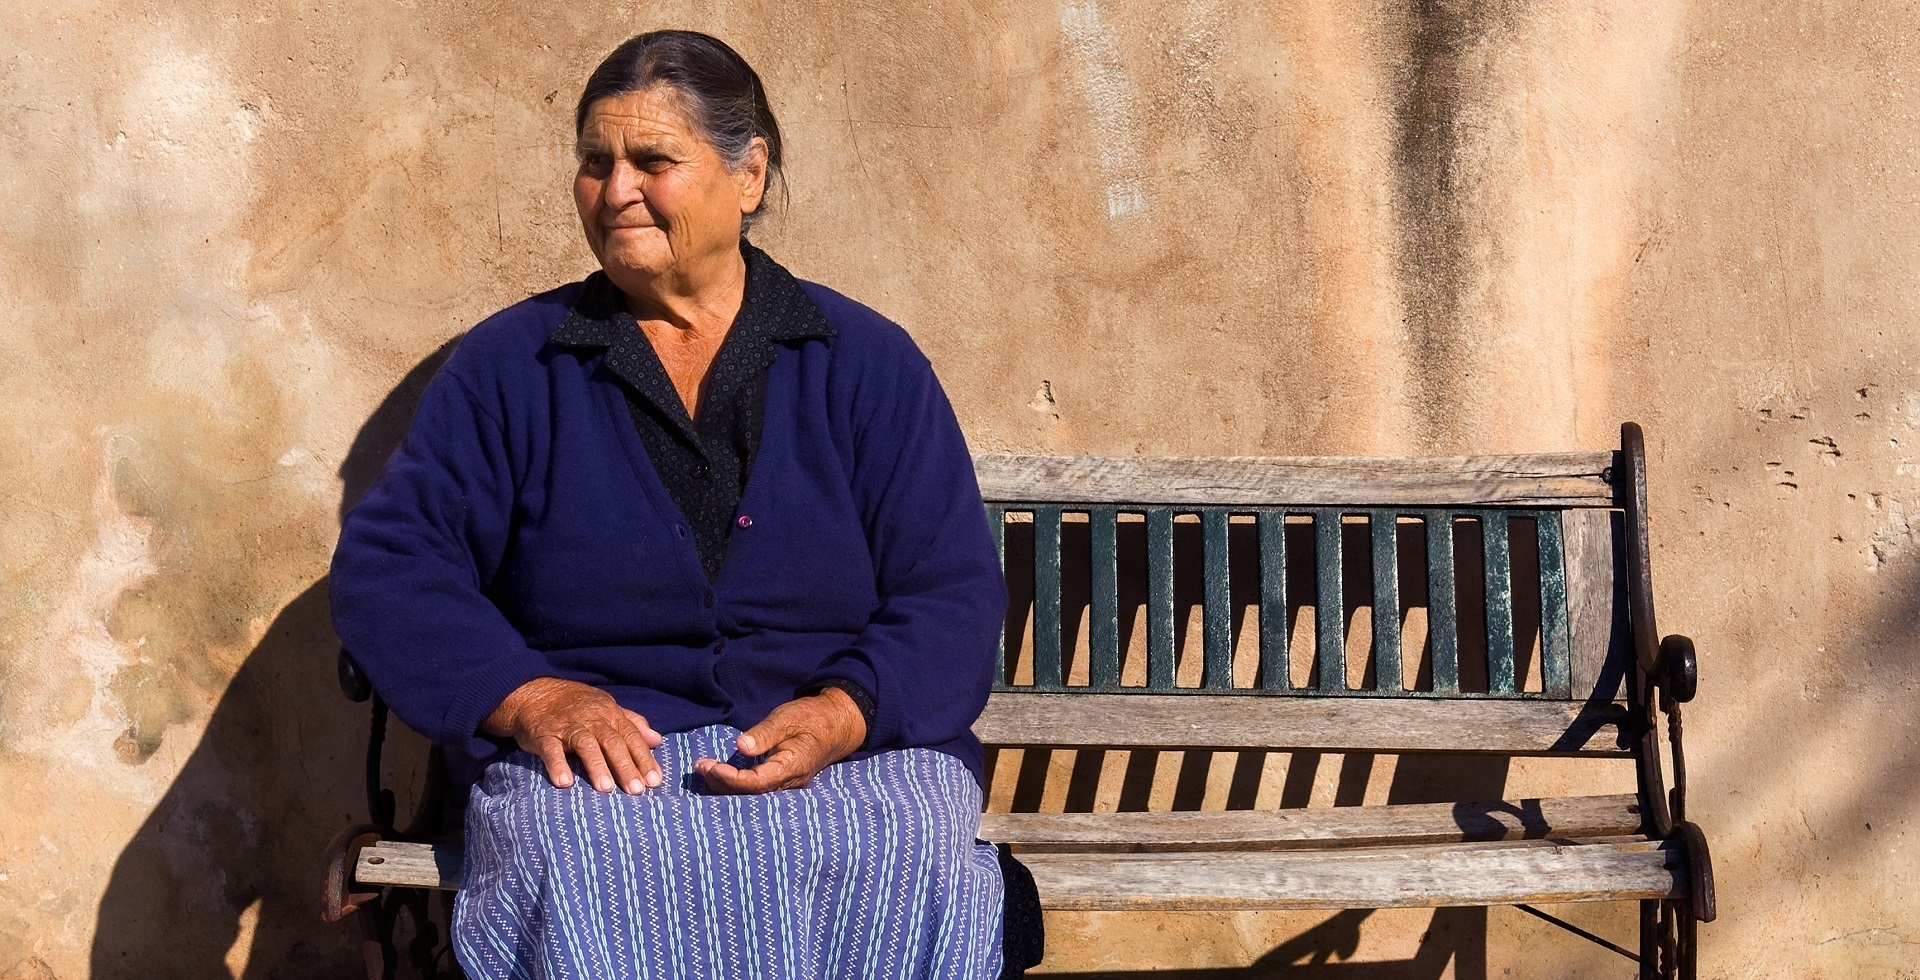 Grieks vrouwtje op een bankje